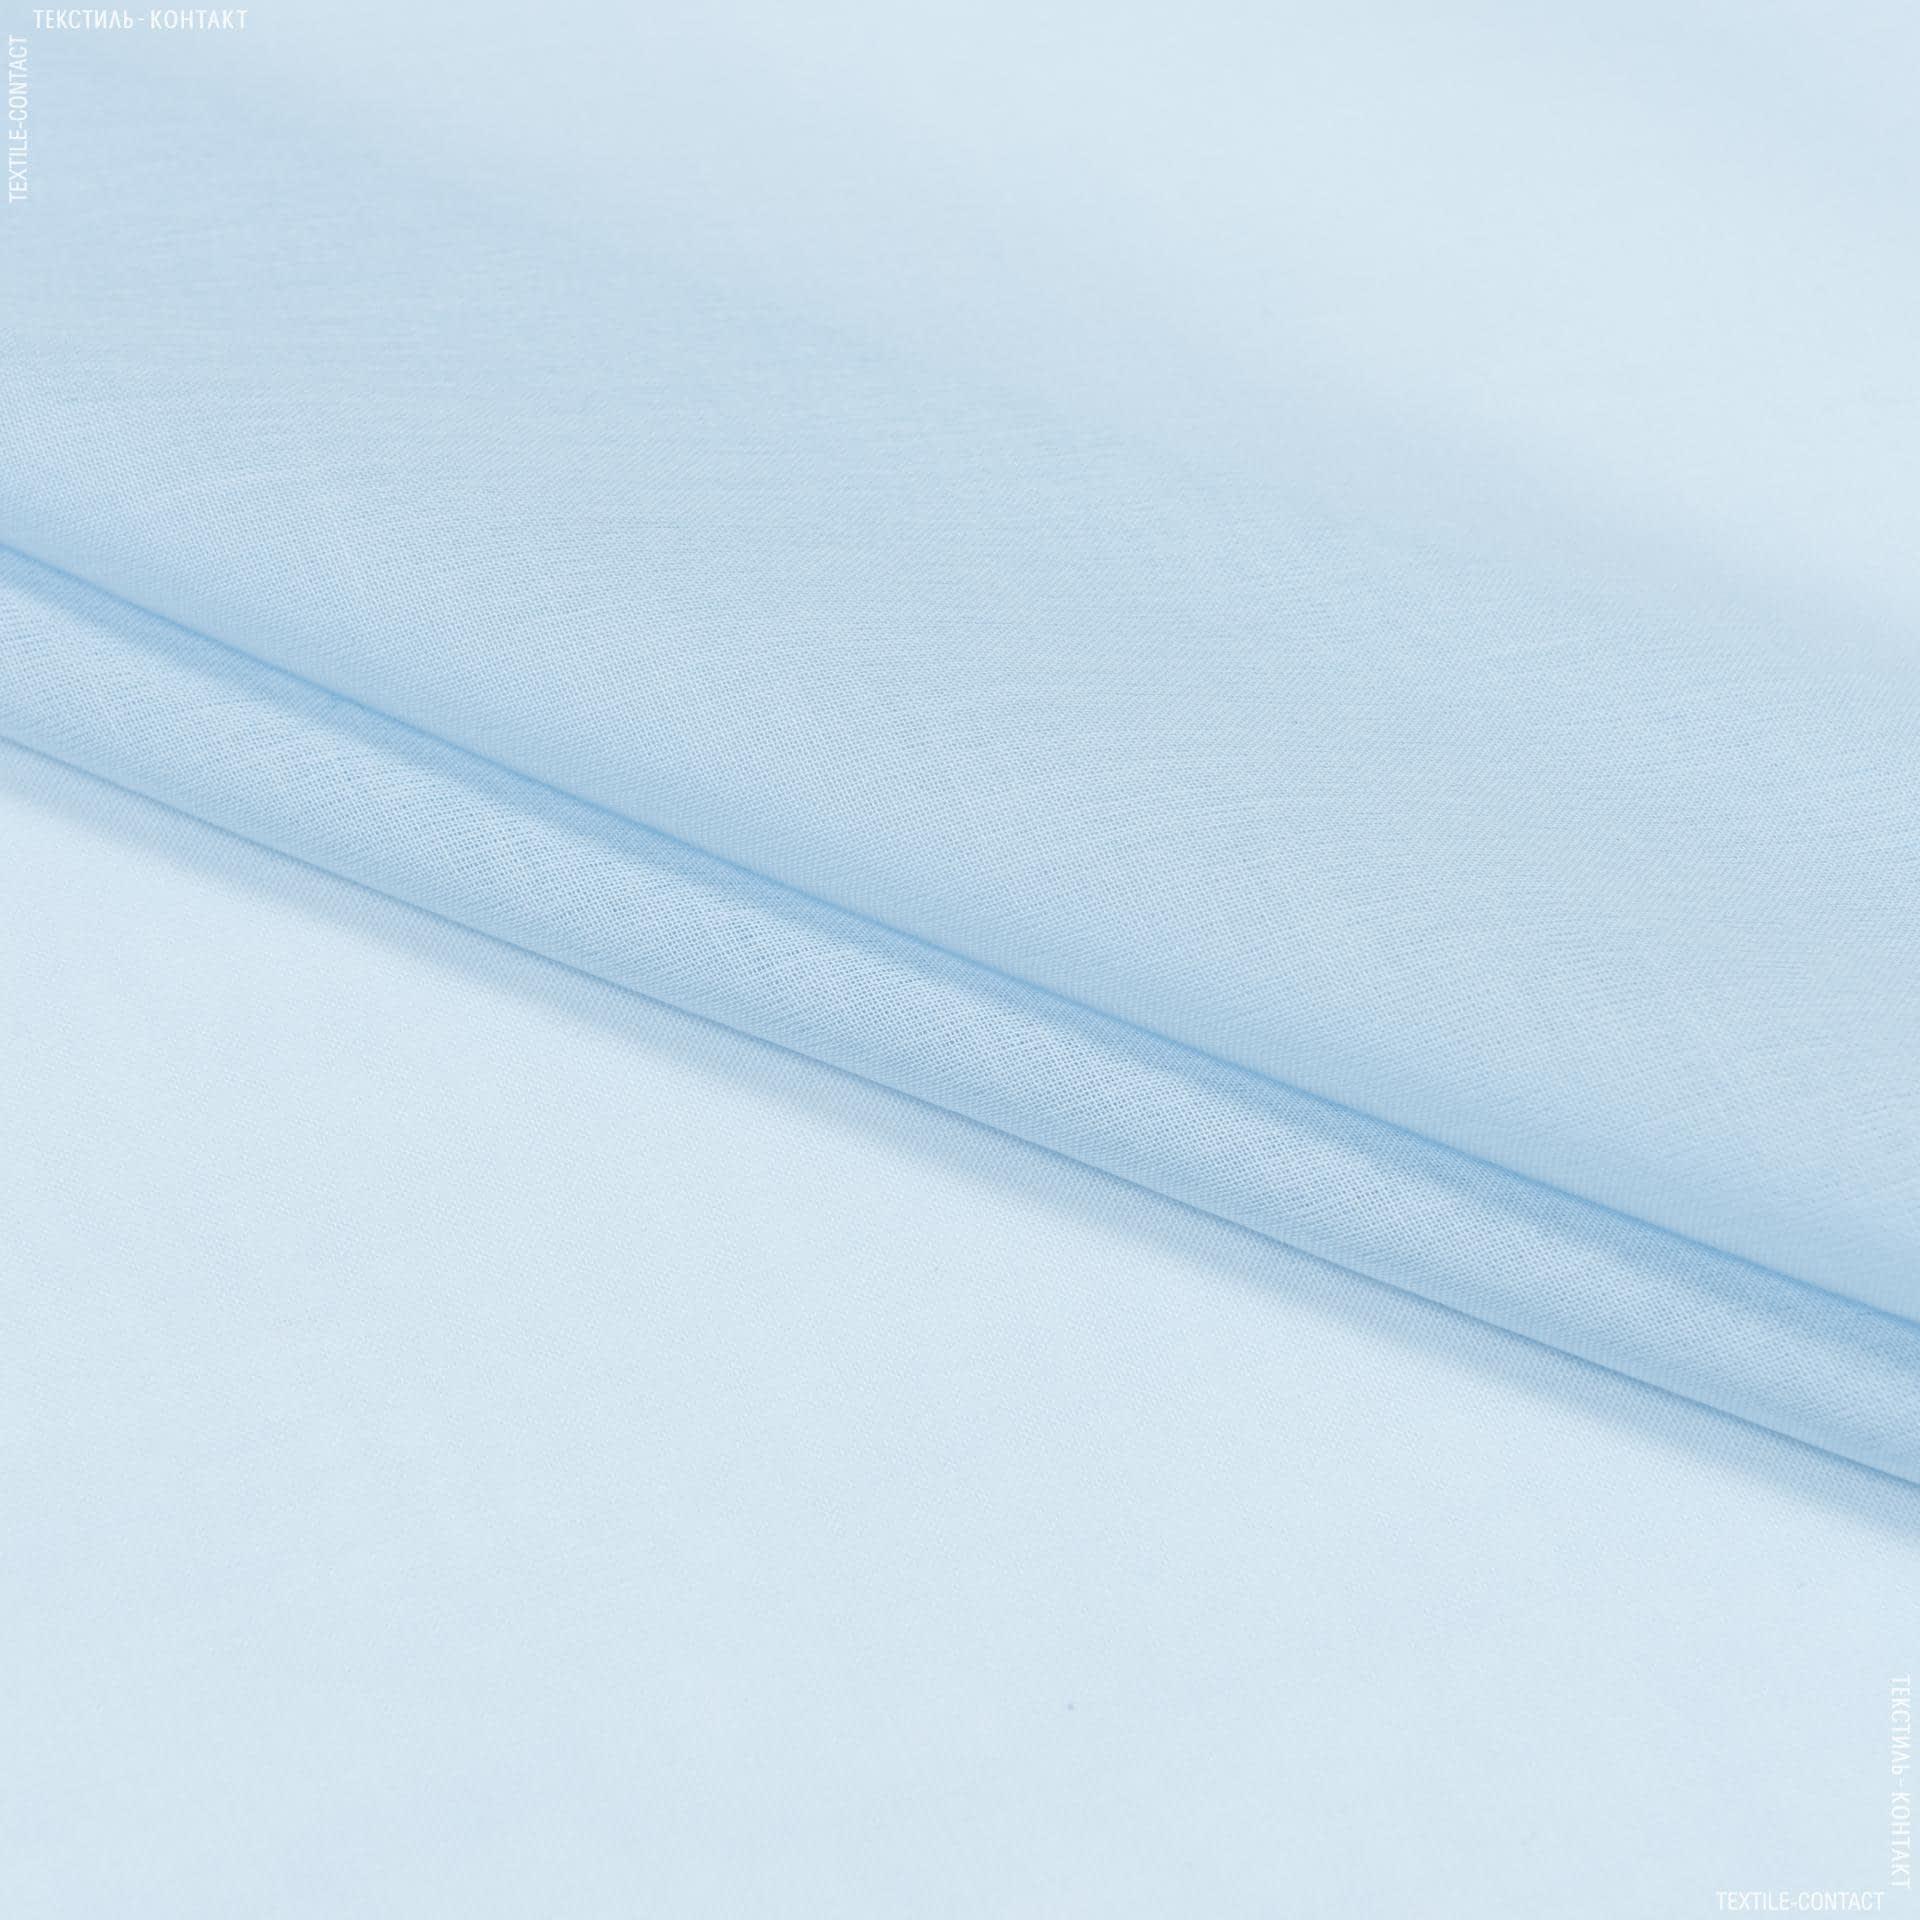 Ткани для драпировки стен и потолков - Тюль  батист  люсент/lucent голубой